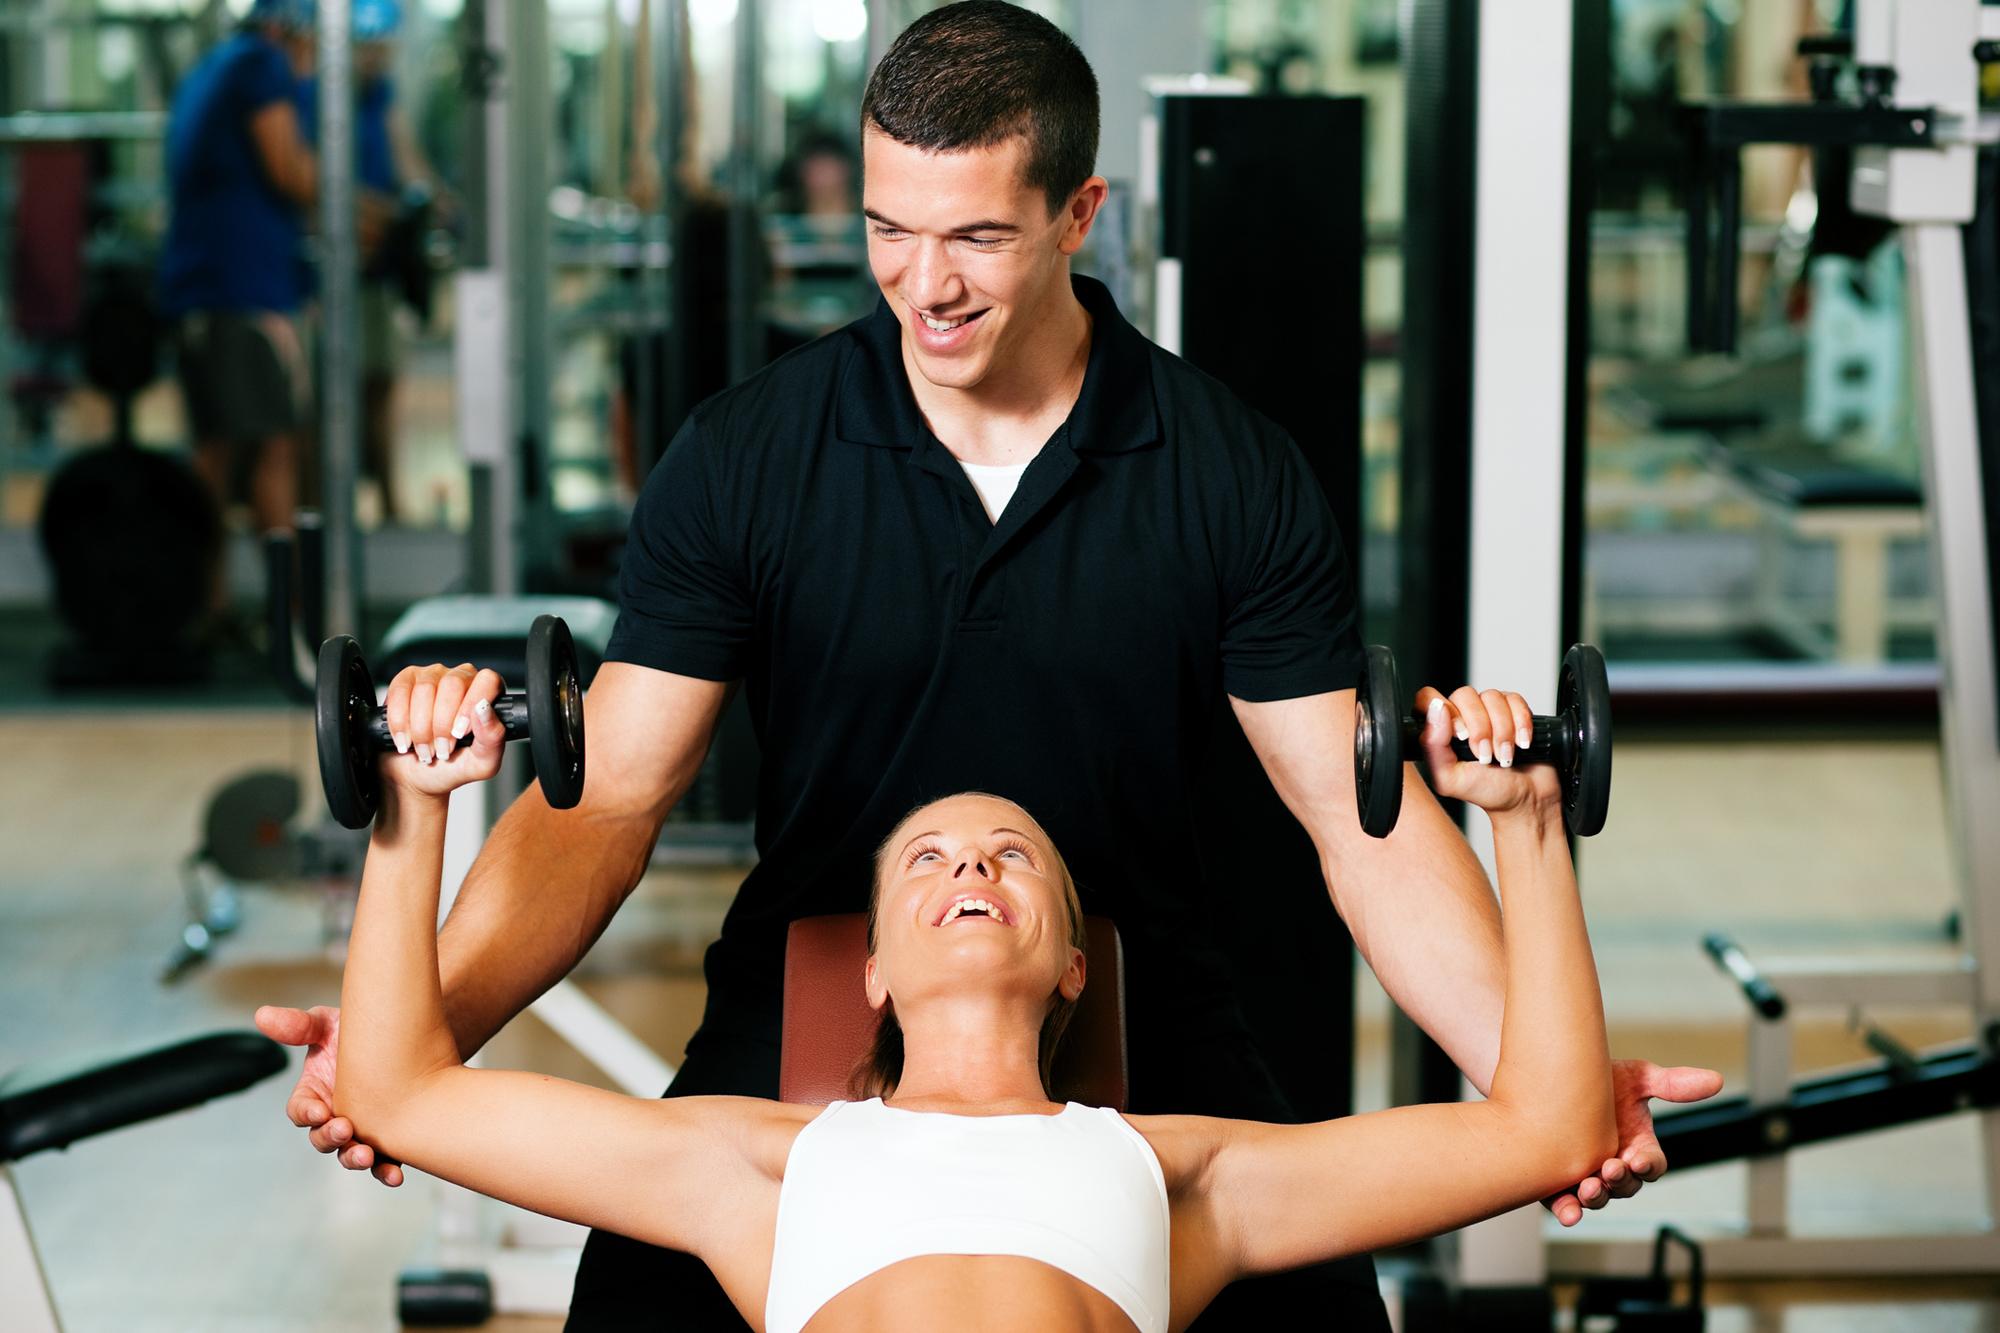 Секс с инструкторами по фитнесу 11 фотография